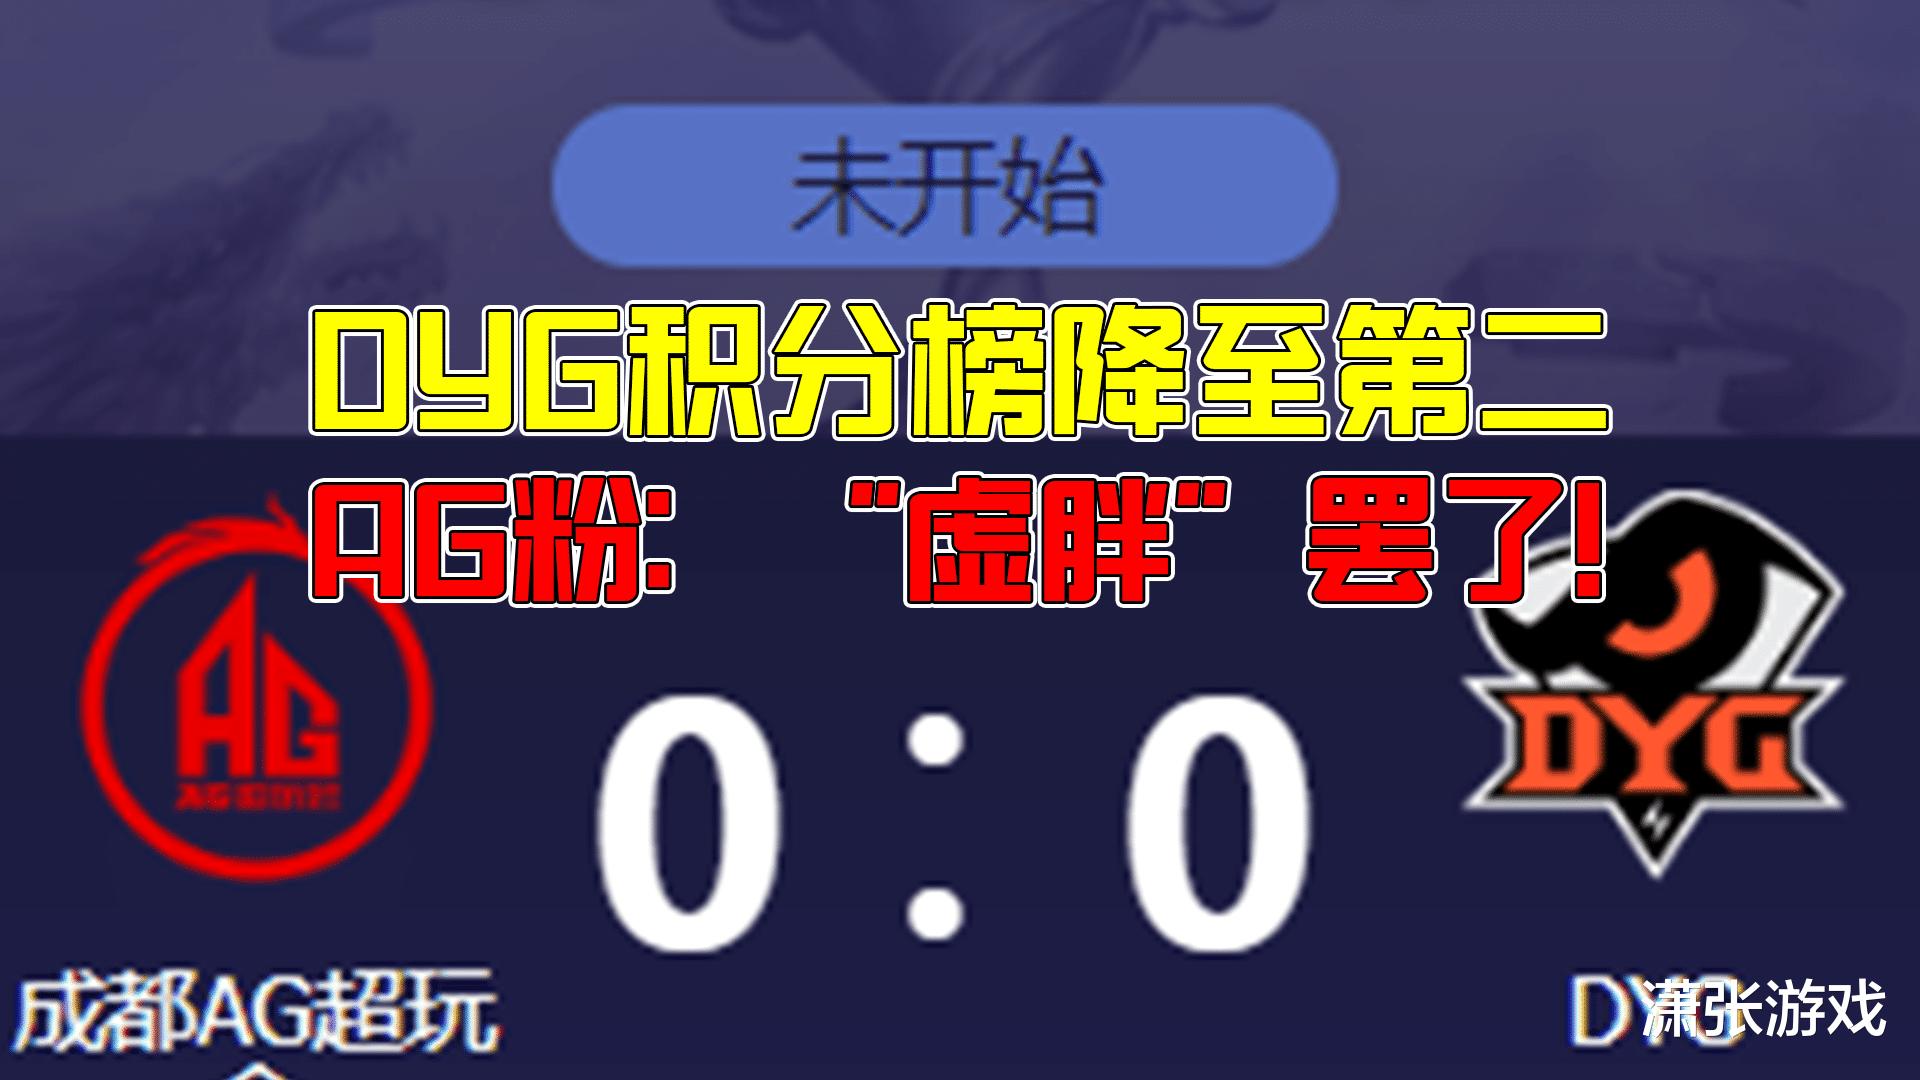 """仙剑十七周年庆典_王者荣耀KPL:DYG积分榜降至第二,AG超玩会铁粉:""""虚胖""""罢了!"""